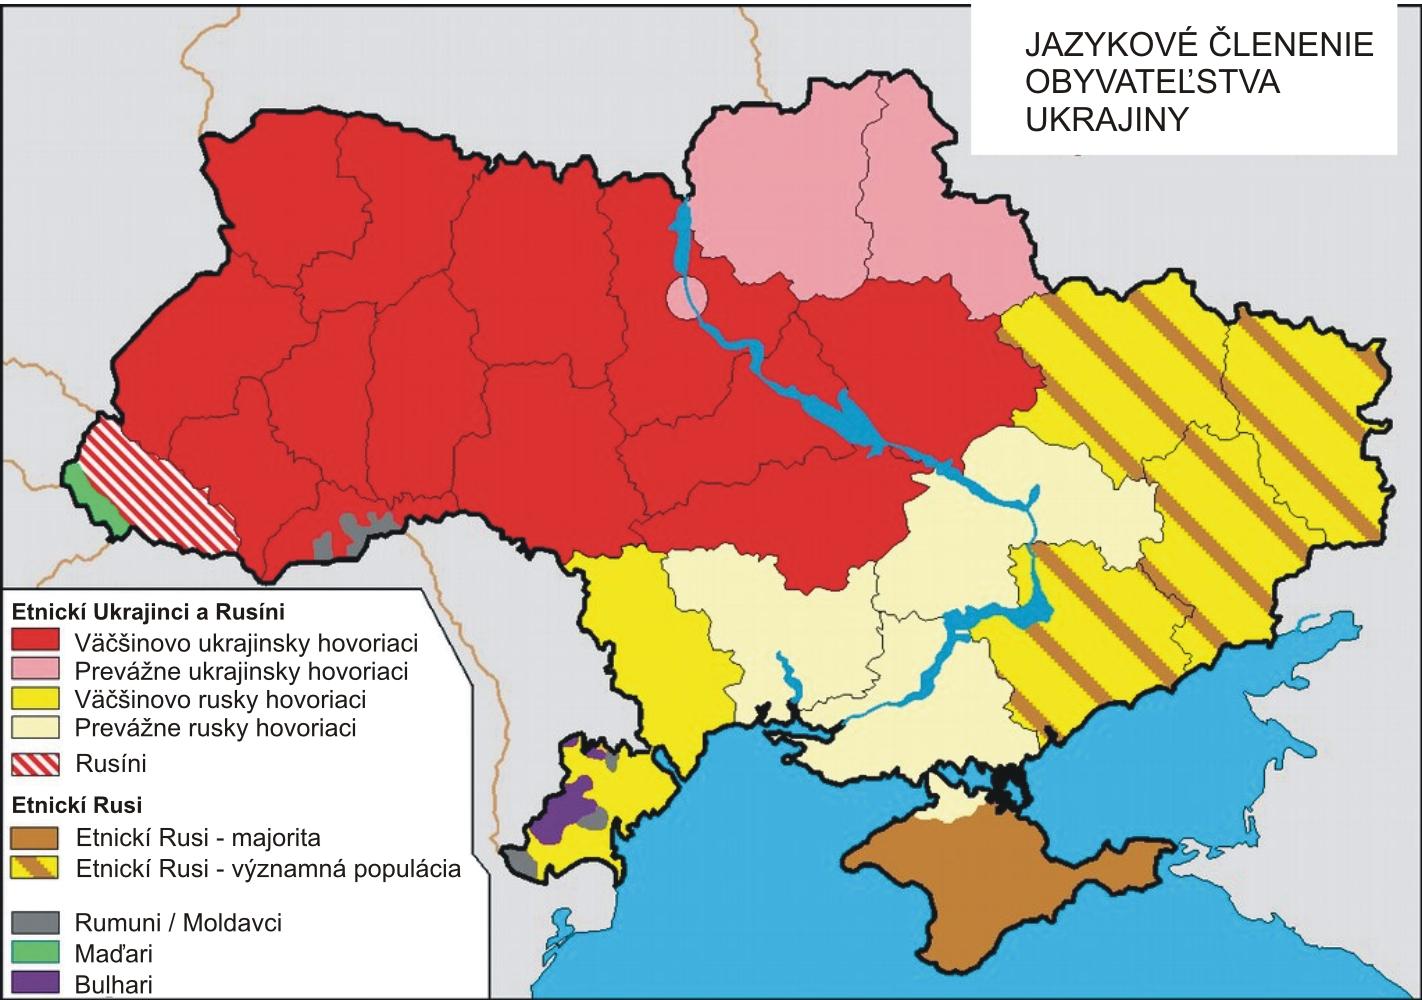 Ma Aj Slovensko Vzniest Uzemne Naroky Voci Ukrajine Hlavne Spravy